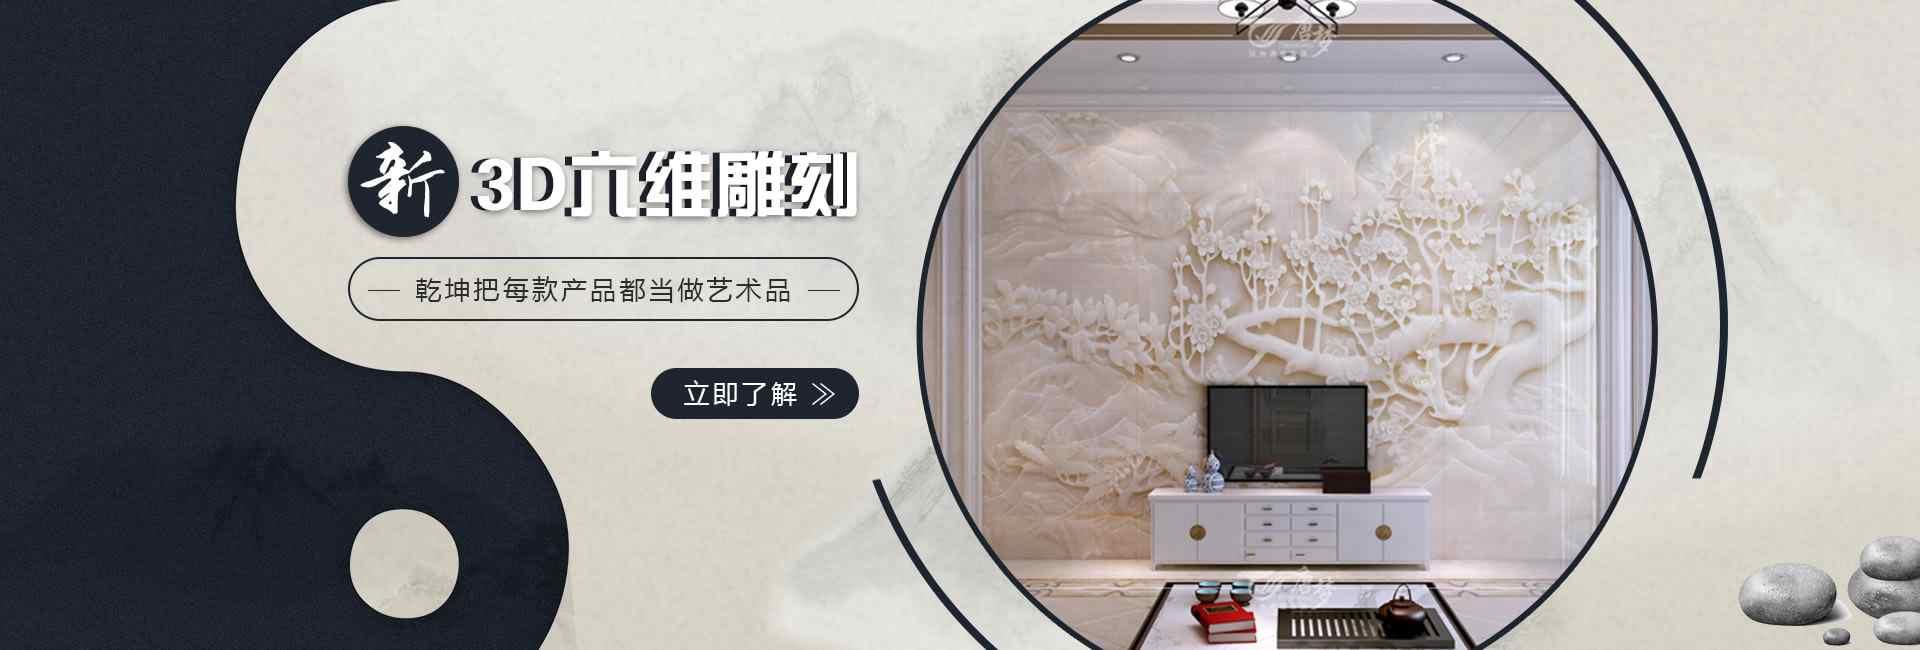 乾坤电视背景墙